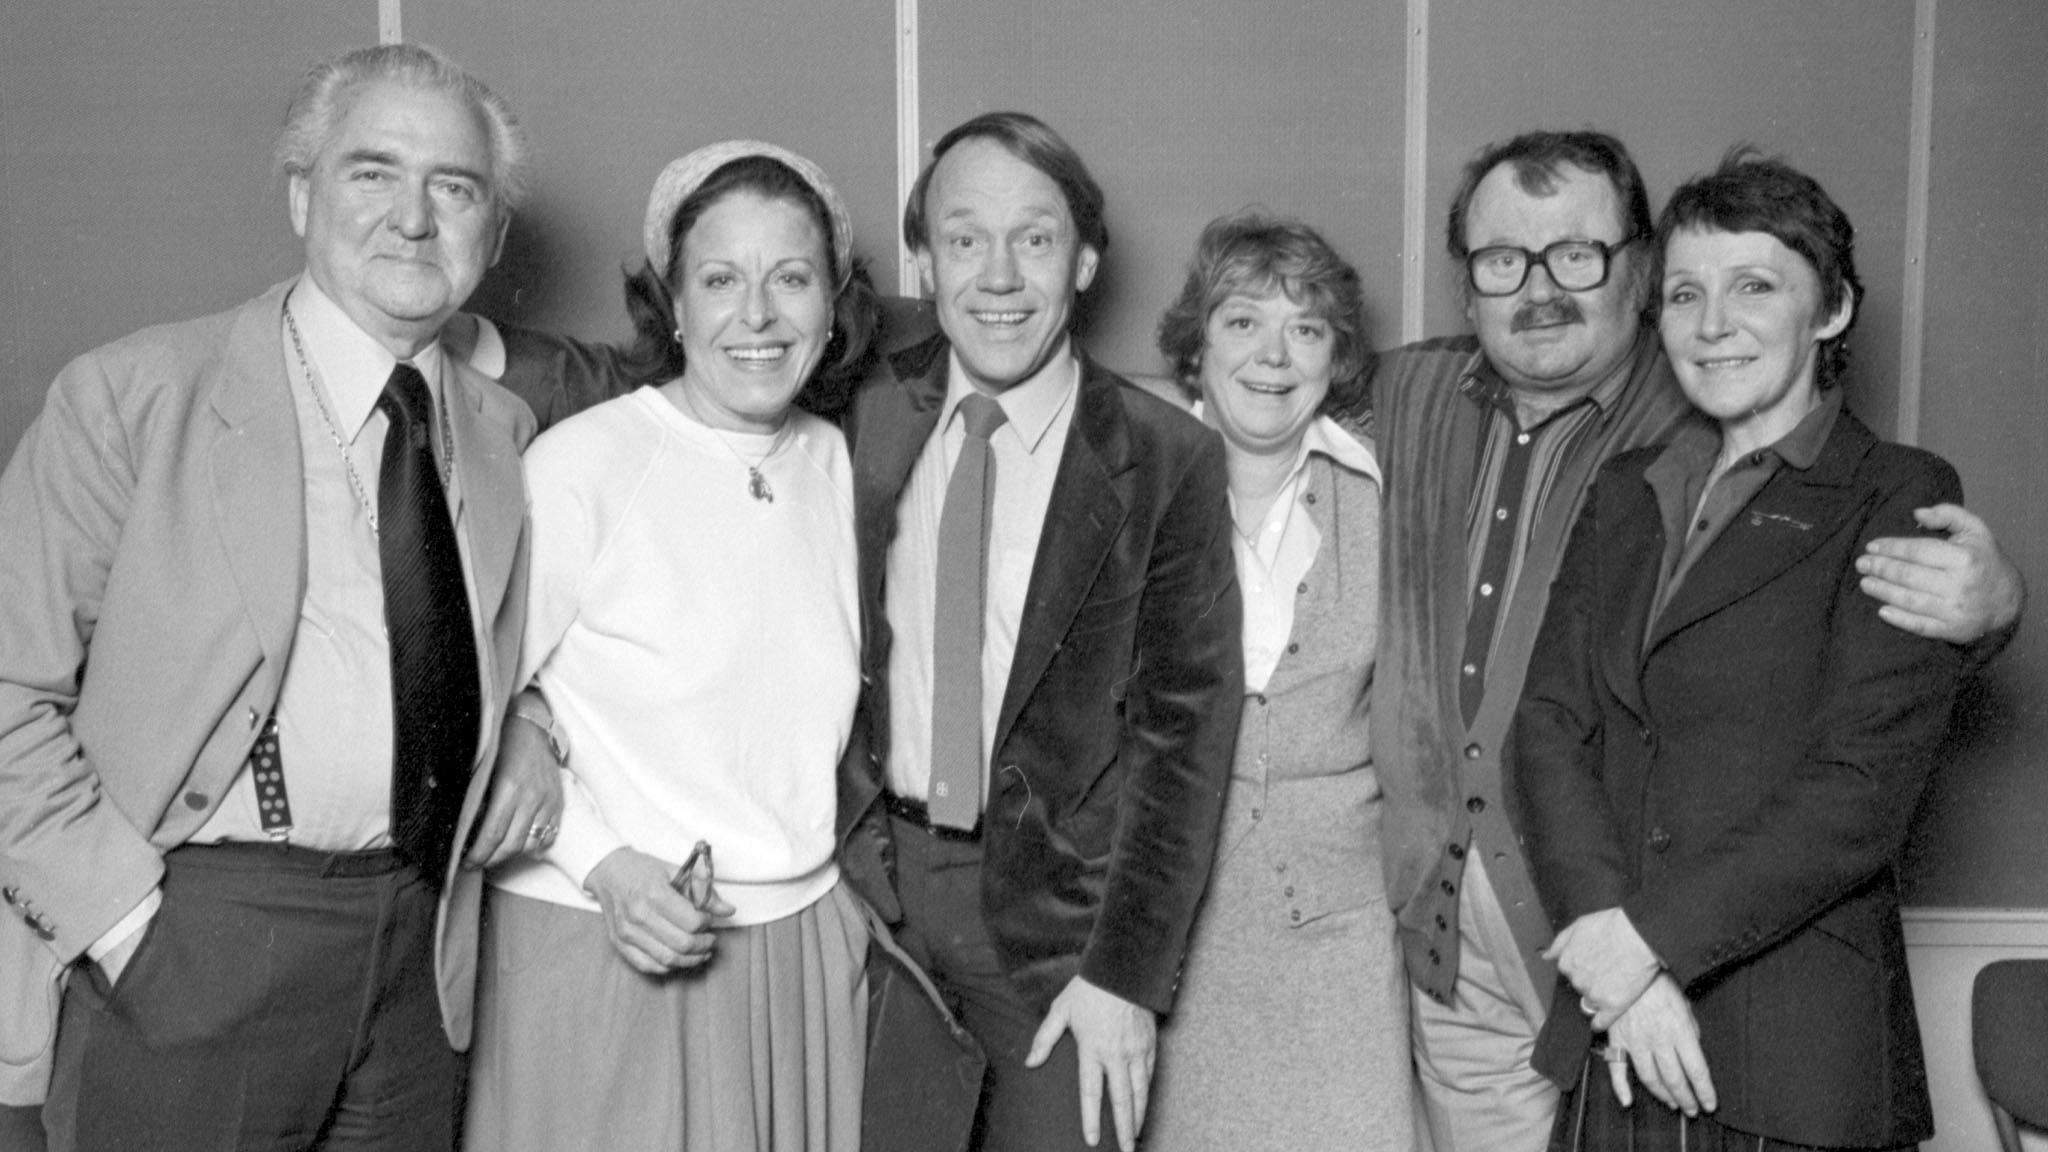 På minuten, 1989. Stig Järrel, Margaretha Krook, Lennart Swahn, Ursula Richter, Moltas Erikson och Catrin Westerlund. Foto: Sveriges Radio